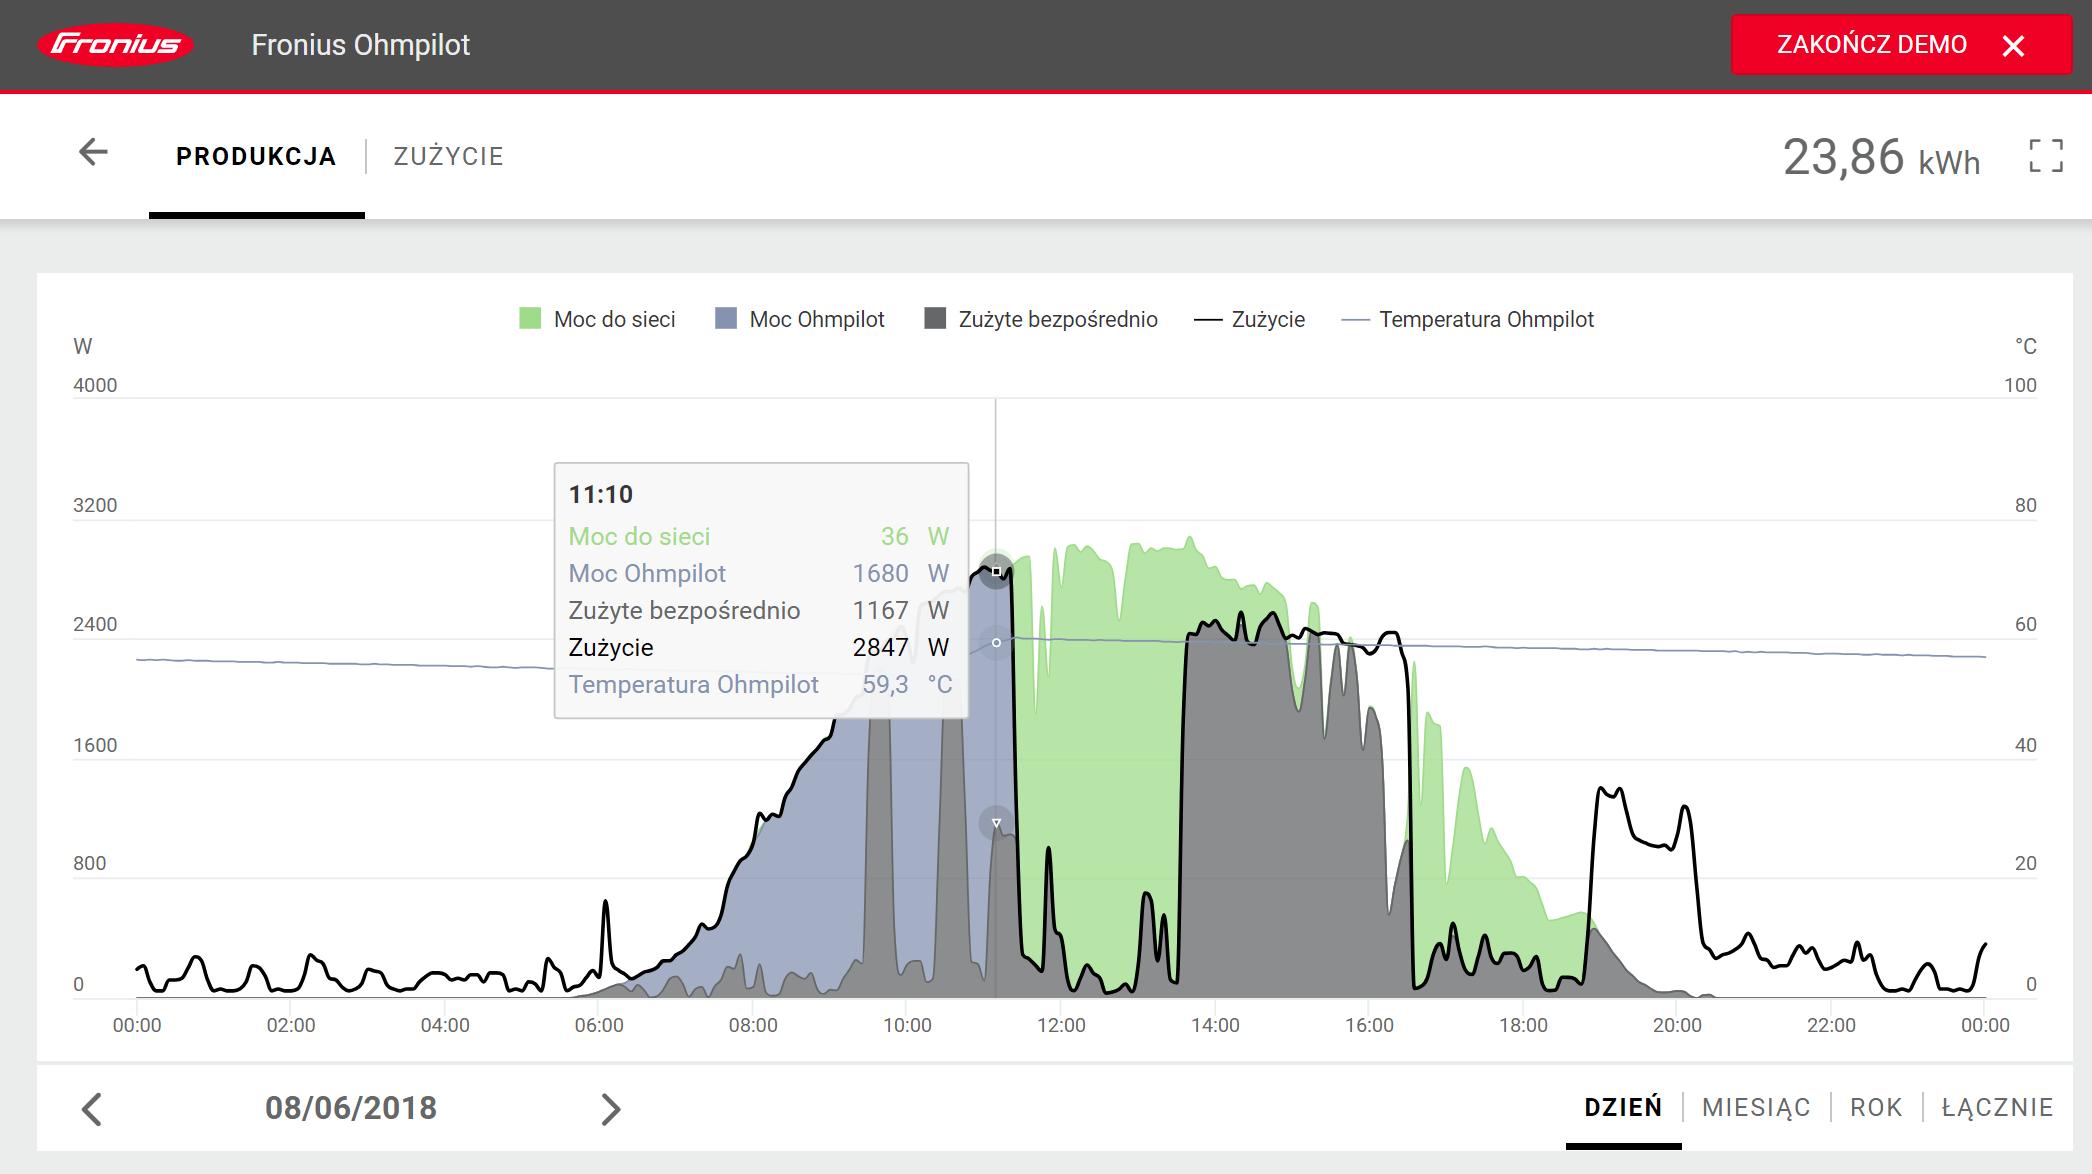 Wykres przepływów energii w ujęciu pojedynczego dnia